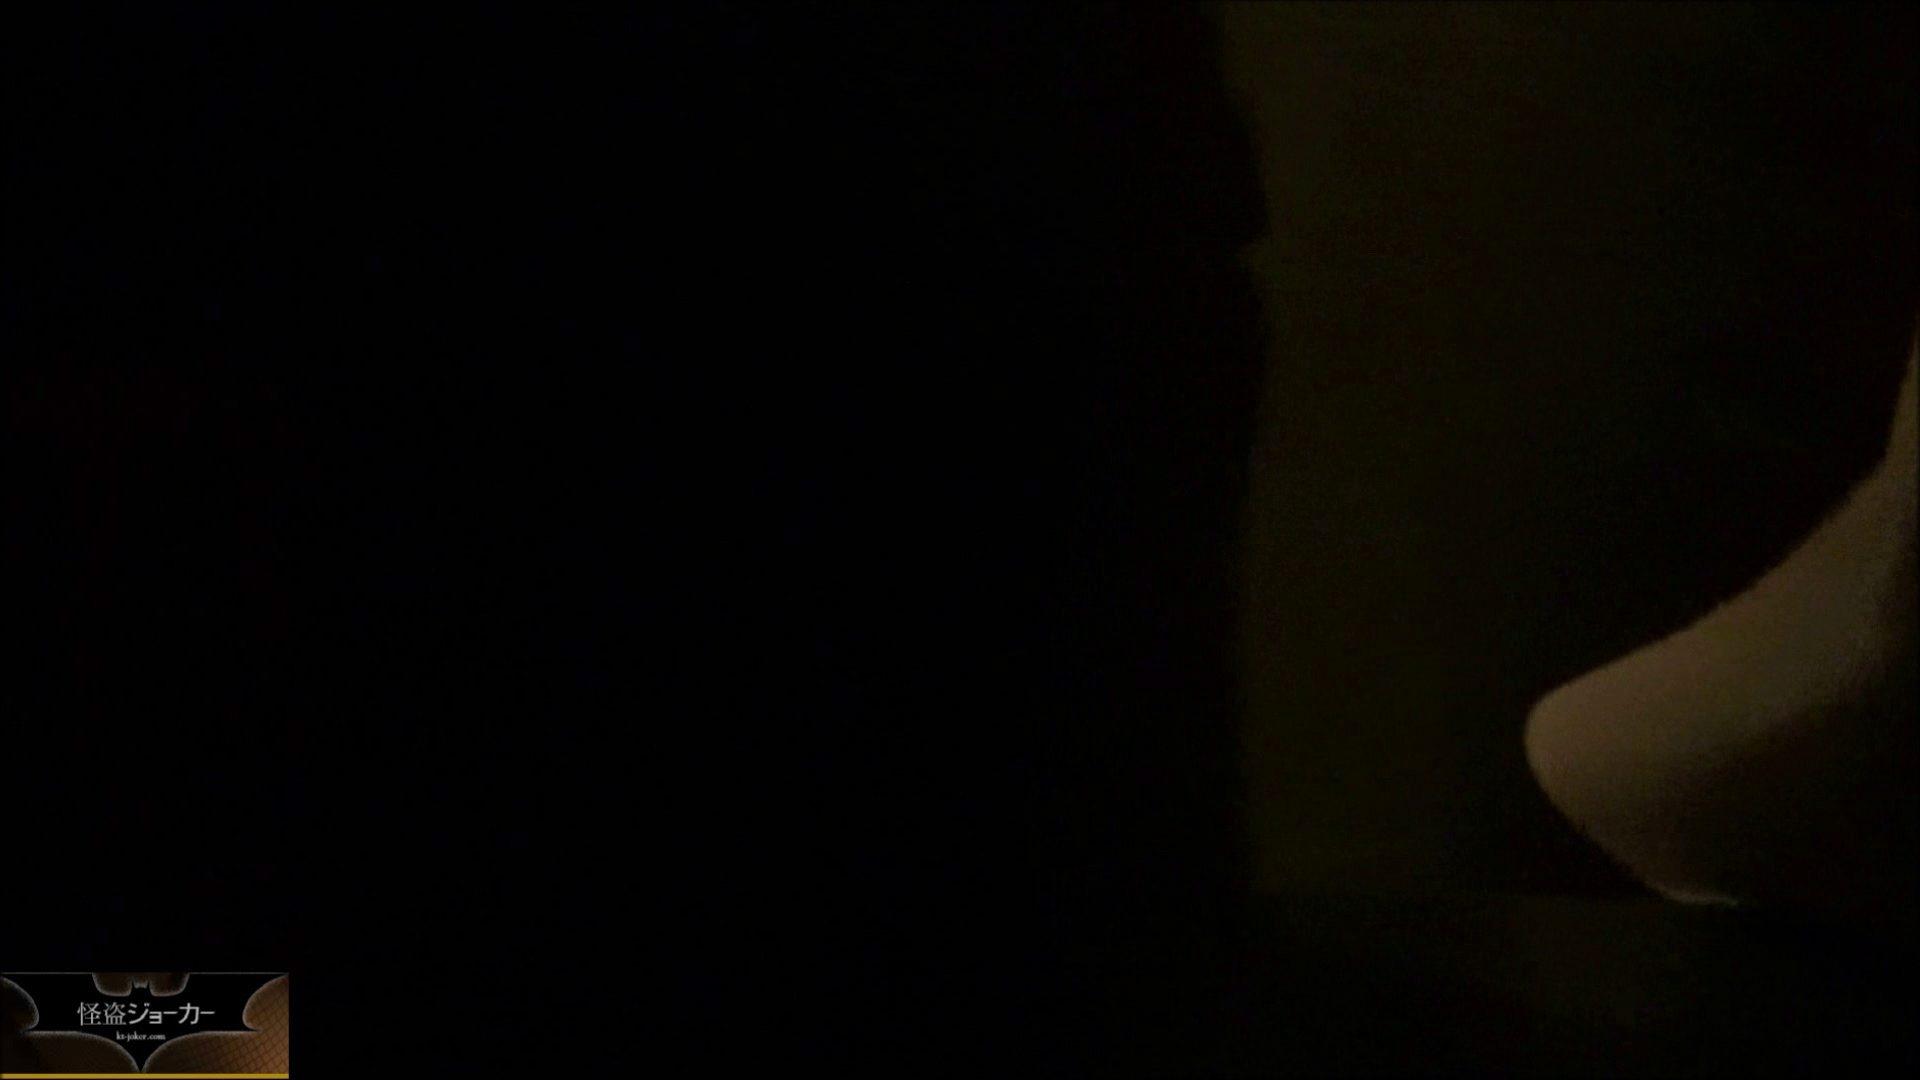 【未公開】vol.27 揉みしだくFカップ乳…足コキ、kyouせいフェラ、生挿入。 OLの実態  80pic 24